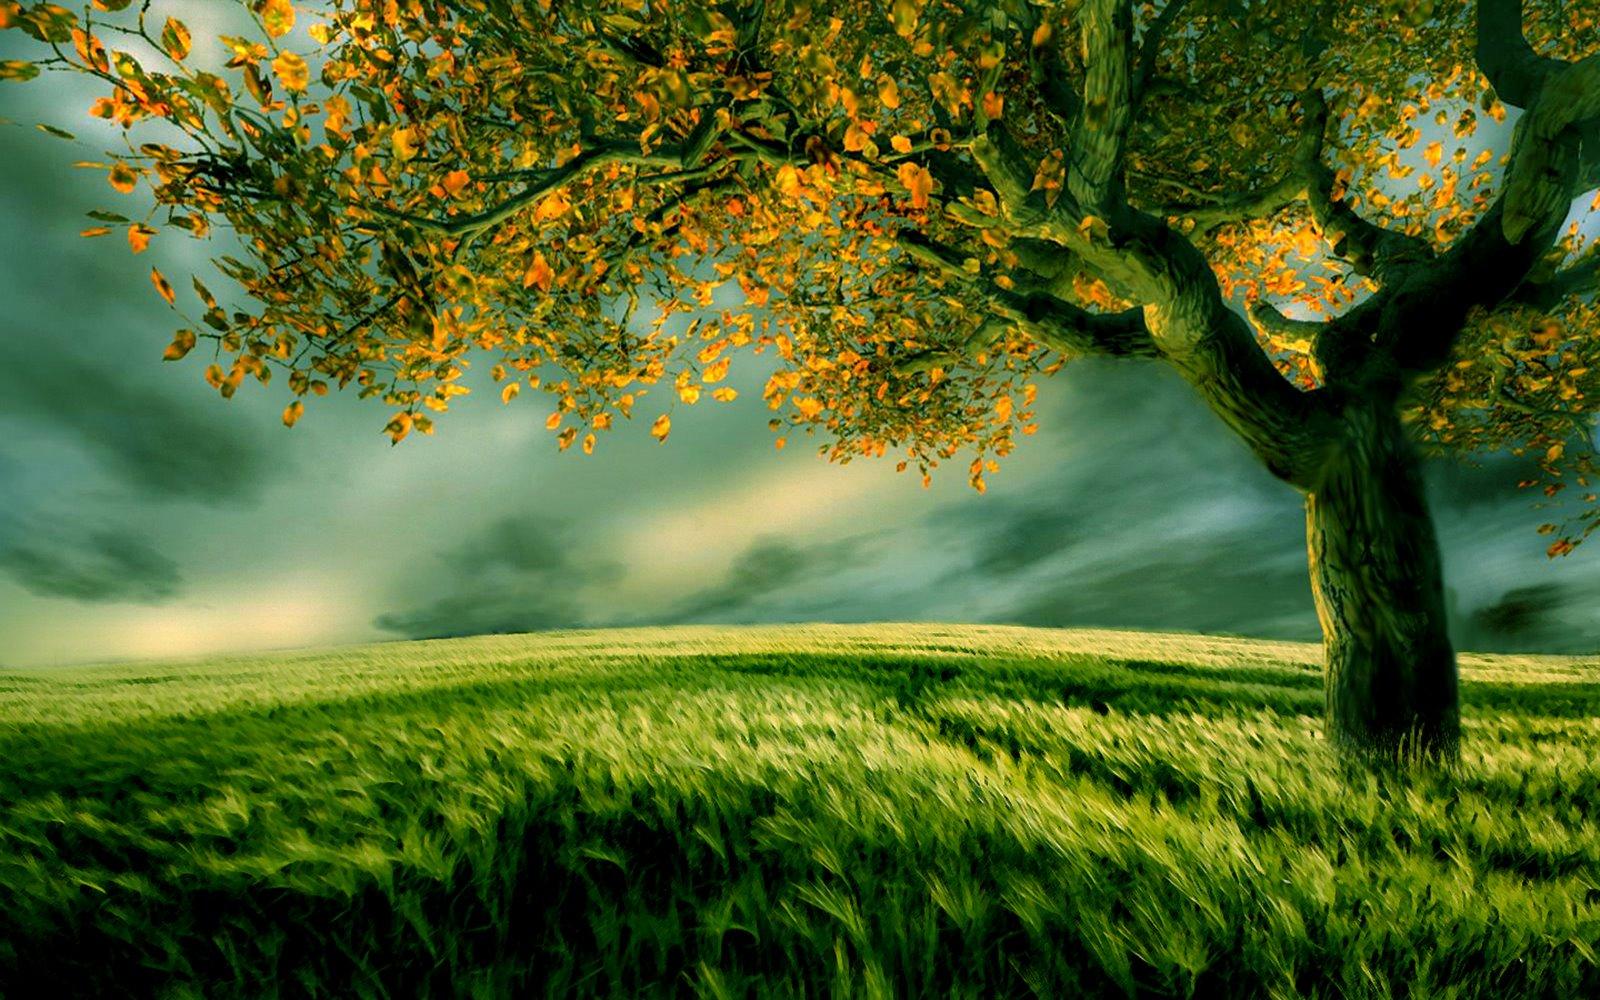 http://1.bp.blogspot.com/_izdofOdmLIE/TP6dkhiGnXI/AAAAAAAAAwM/cKEbCjImbvM/s1600/Field-of-green......jpg